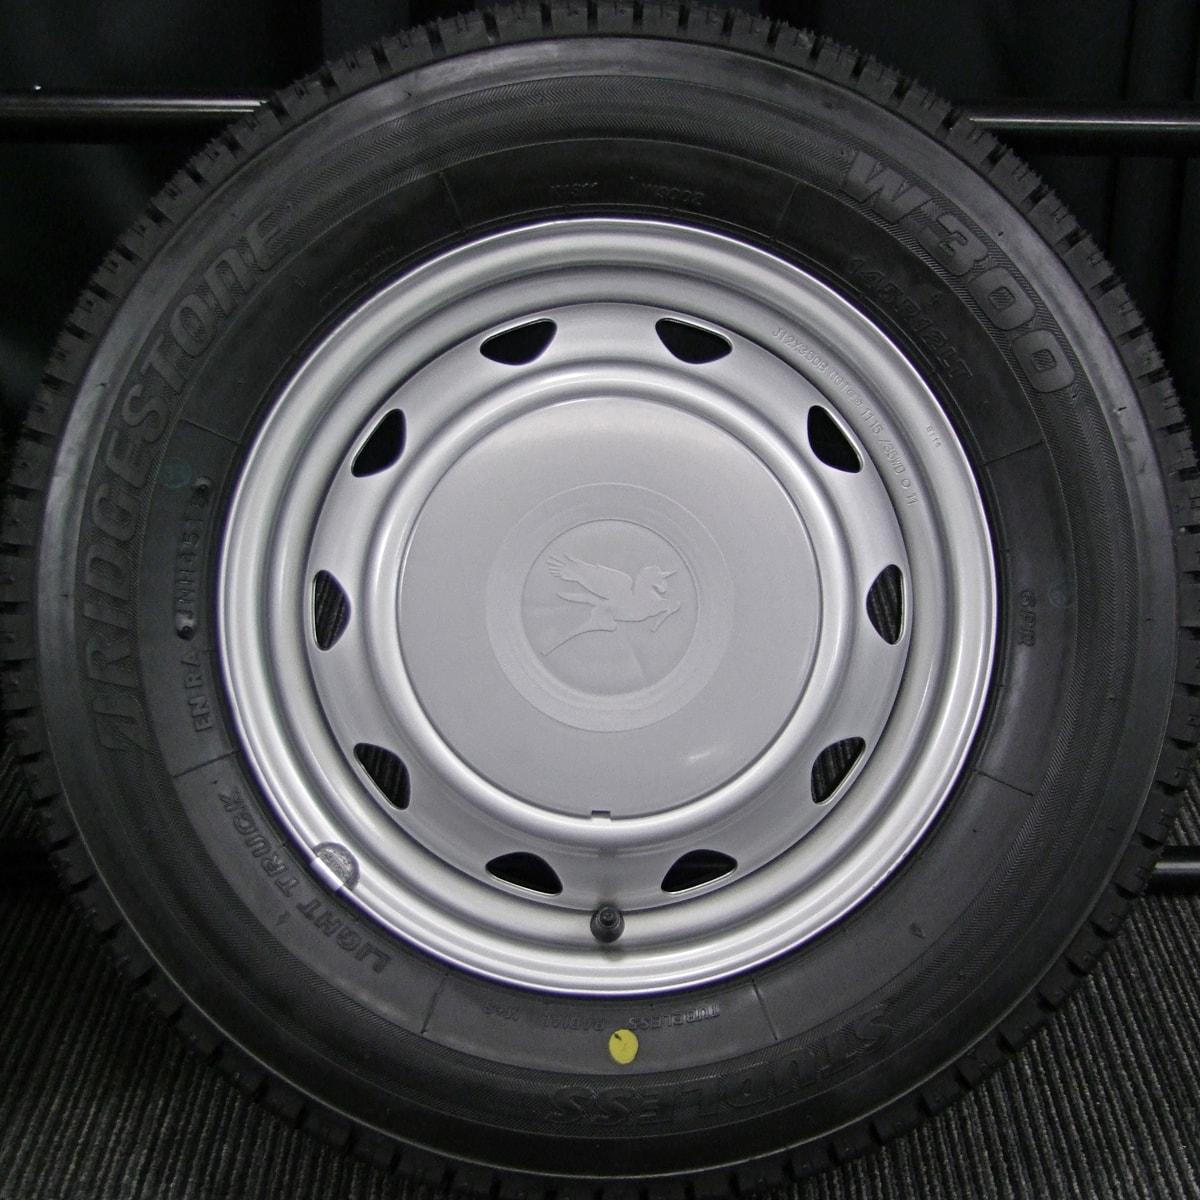 WEDS CARROWIN シルバー BRIDGESTONE W300 145R12LT 6PR 4本SET